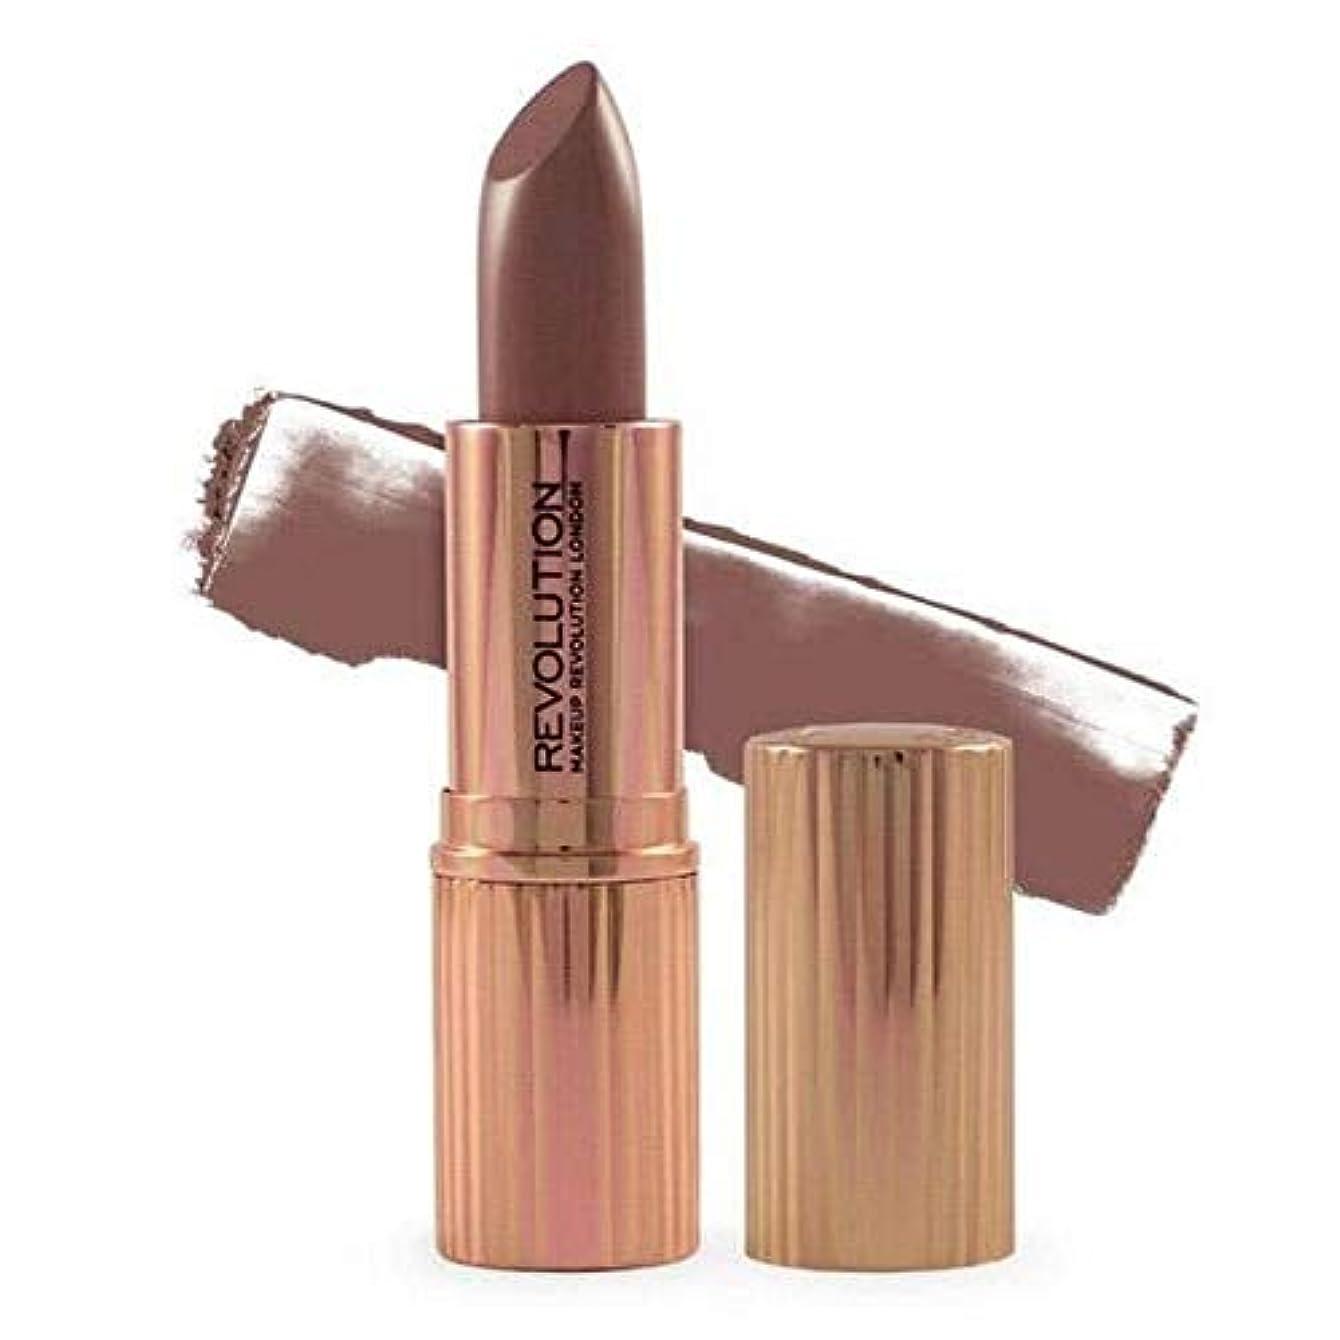 限り必要ないズーム[Revolution ] 革命ルネサンス口紅勝利 - Revolution Renaissance Lipstick Triumph [並行輸入品]